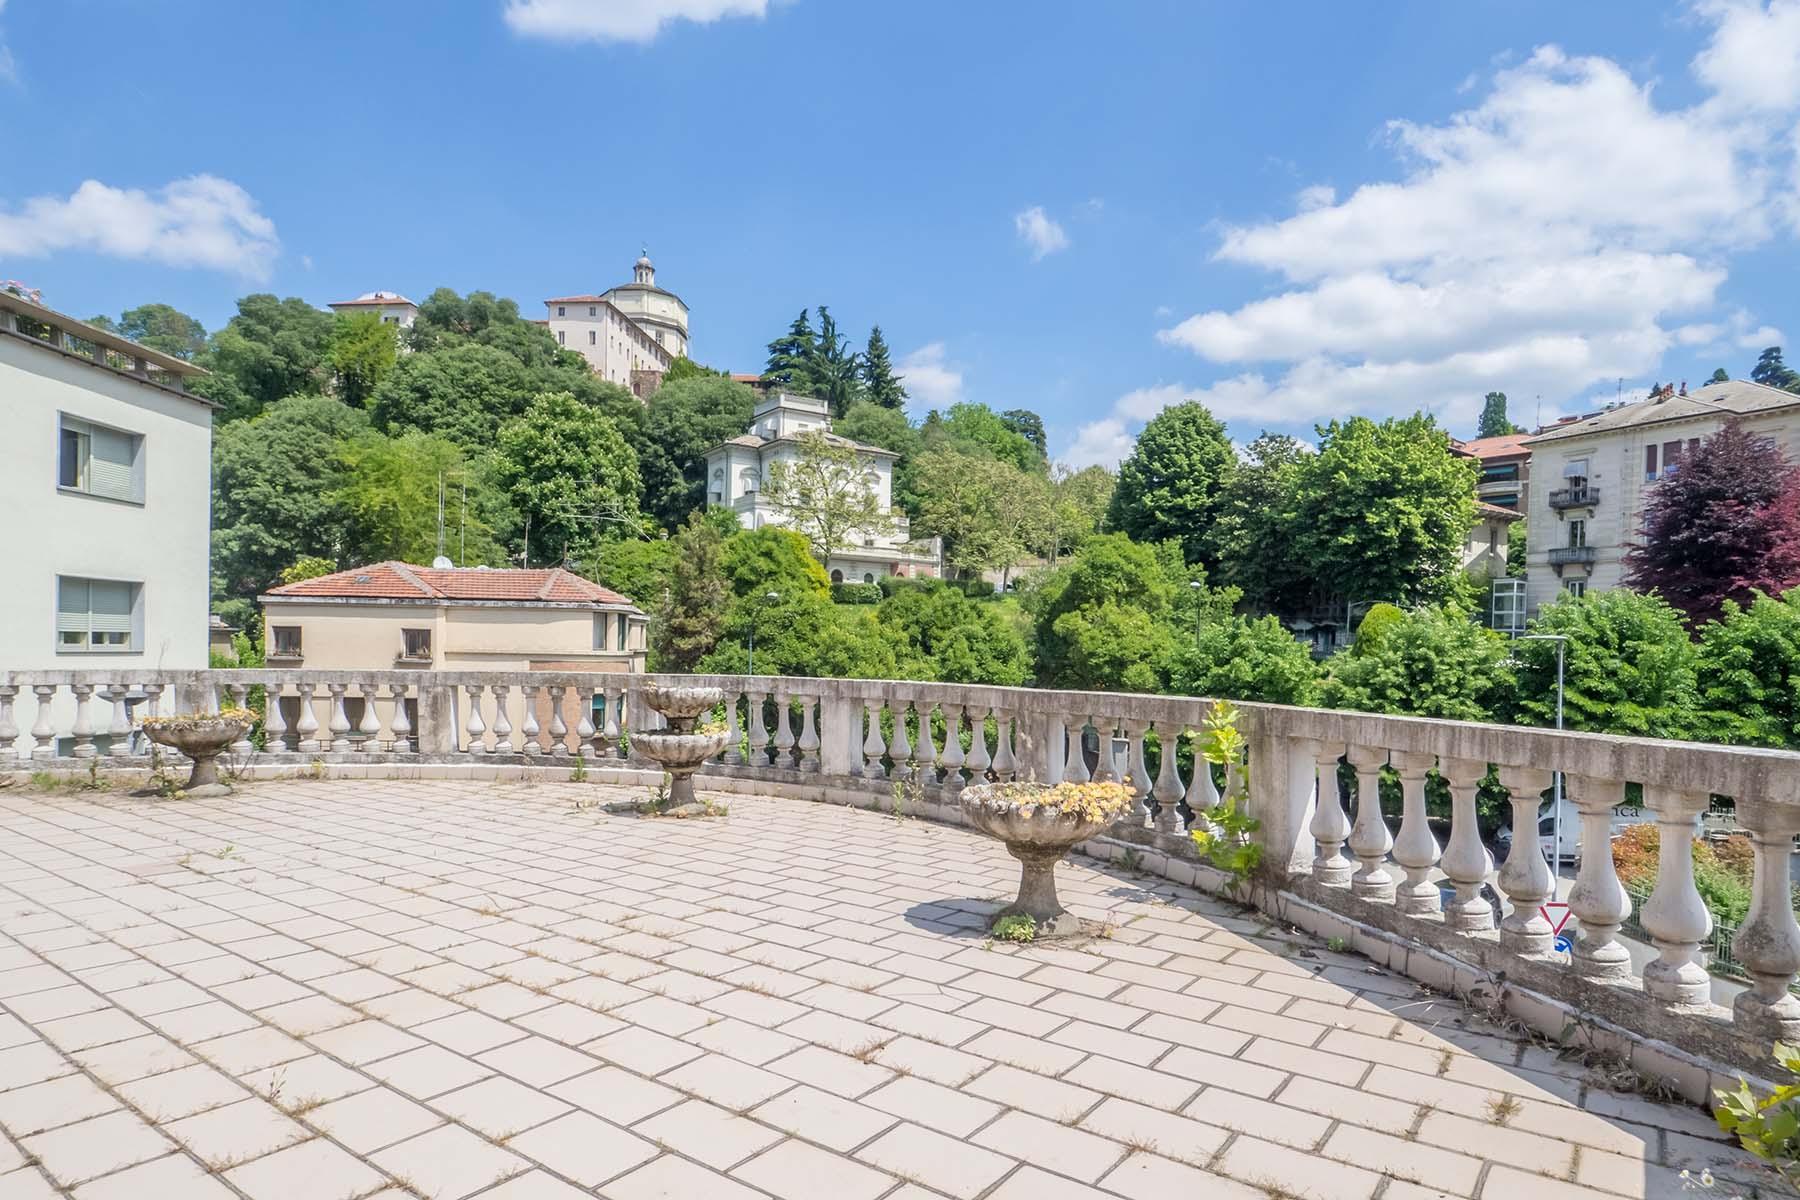 Charmante Penthouse mit Terrassen im Crimea Stadtviertel - 2